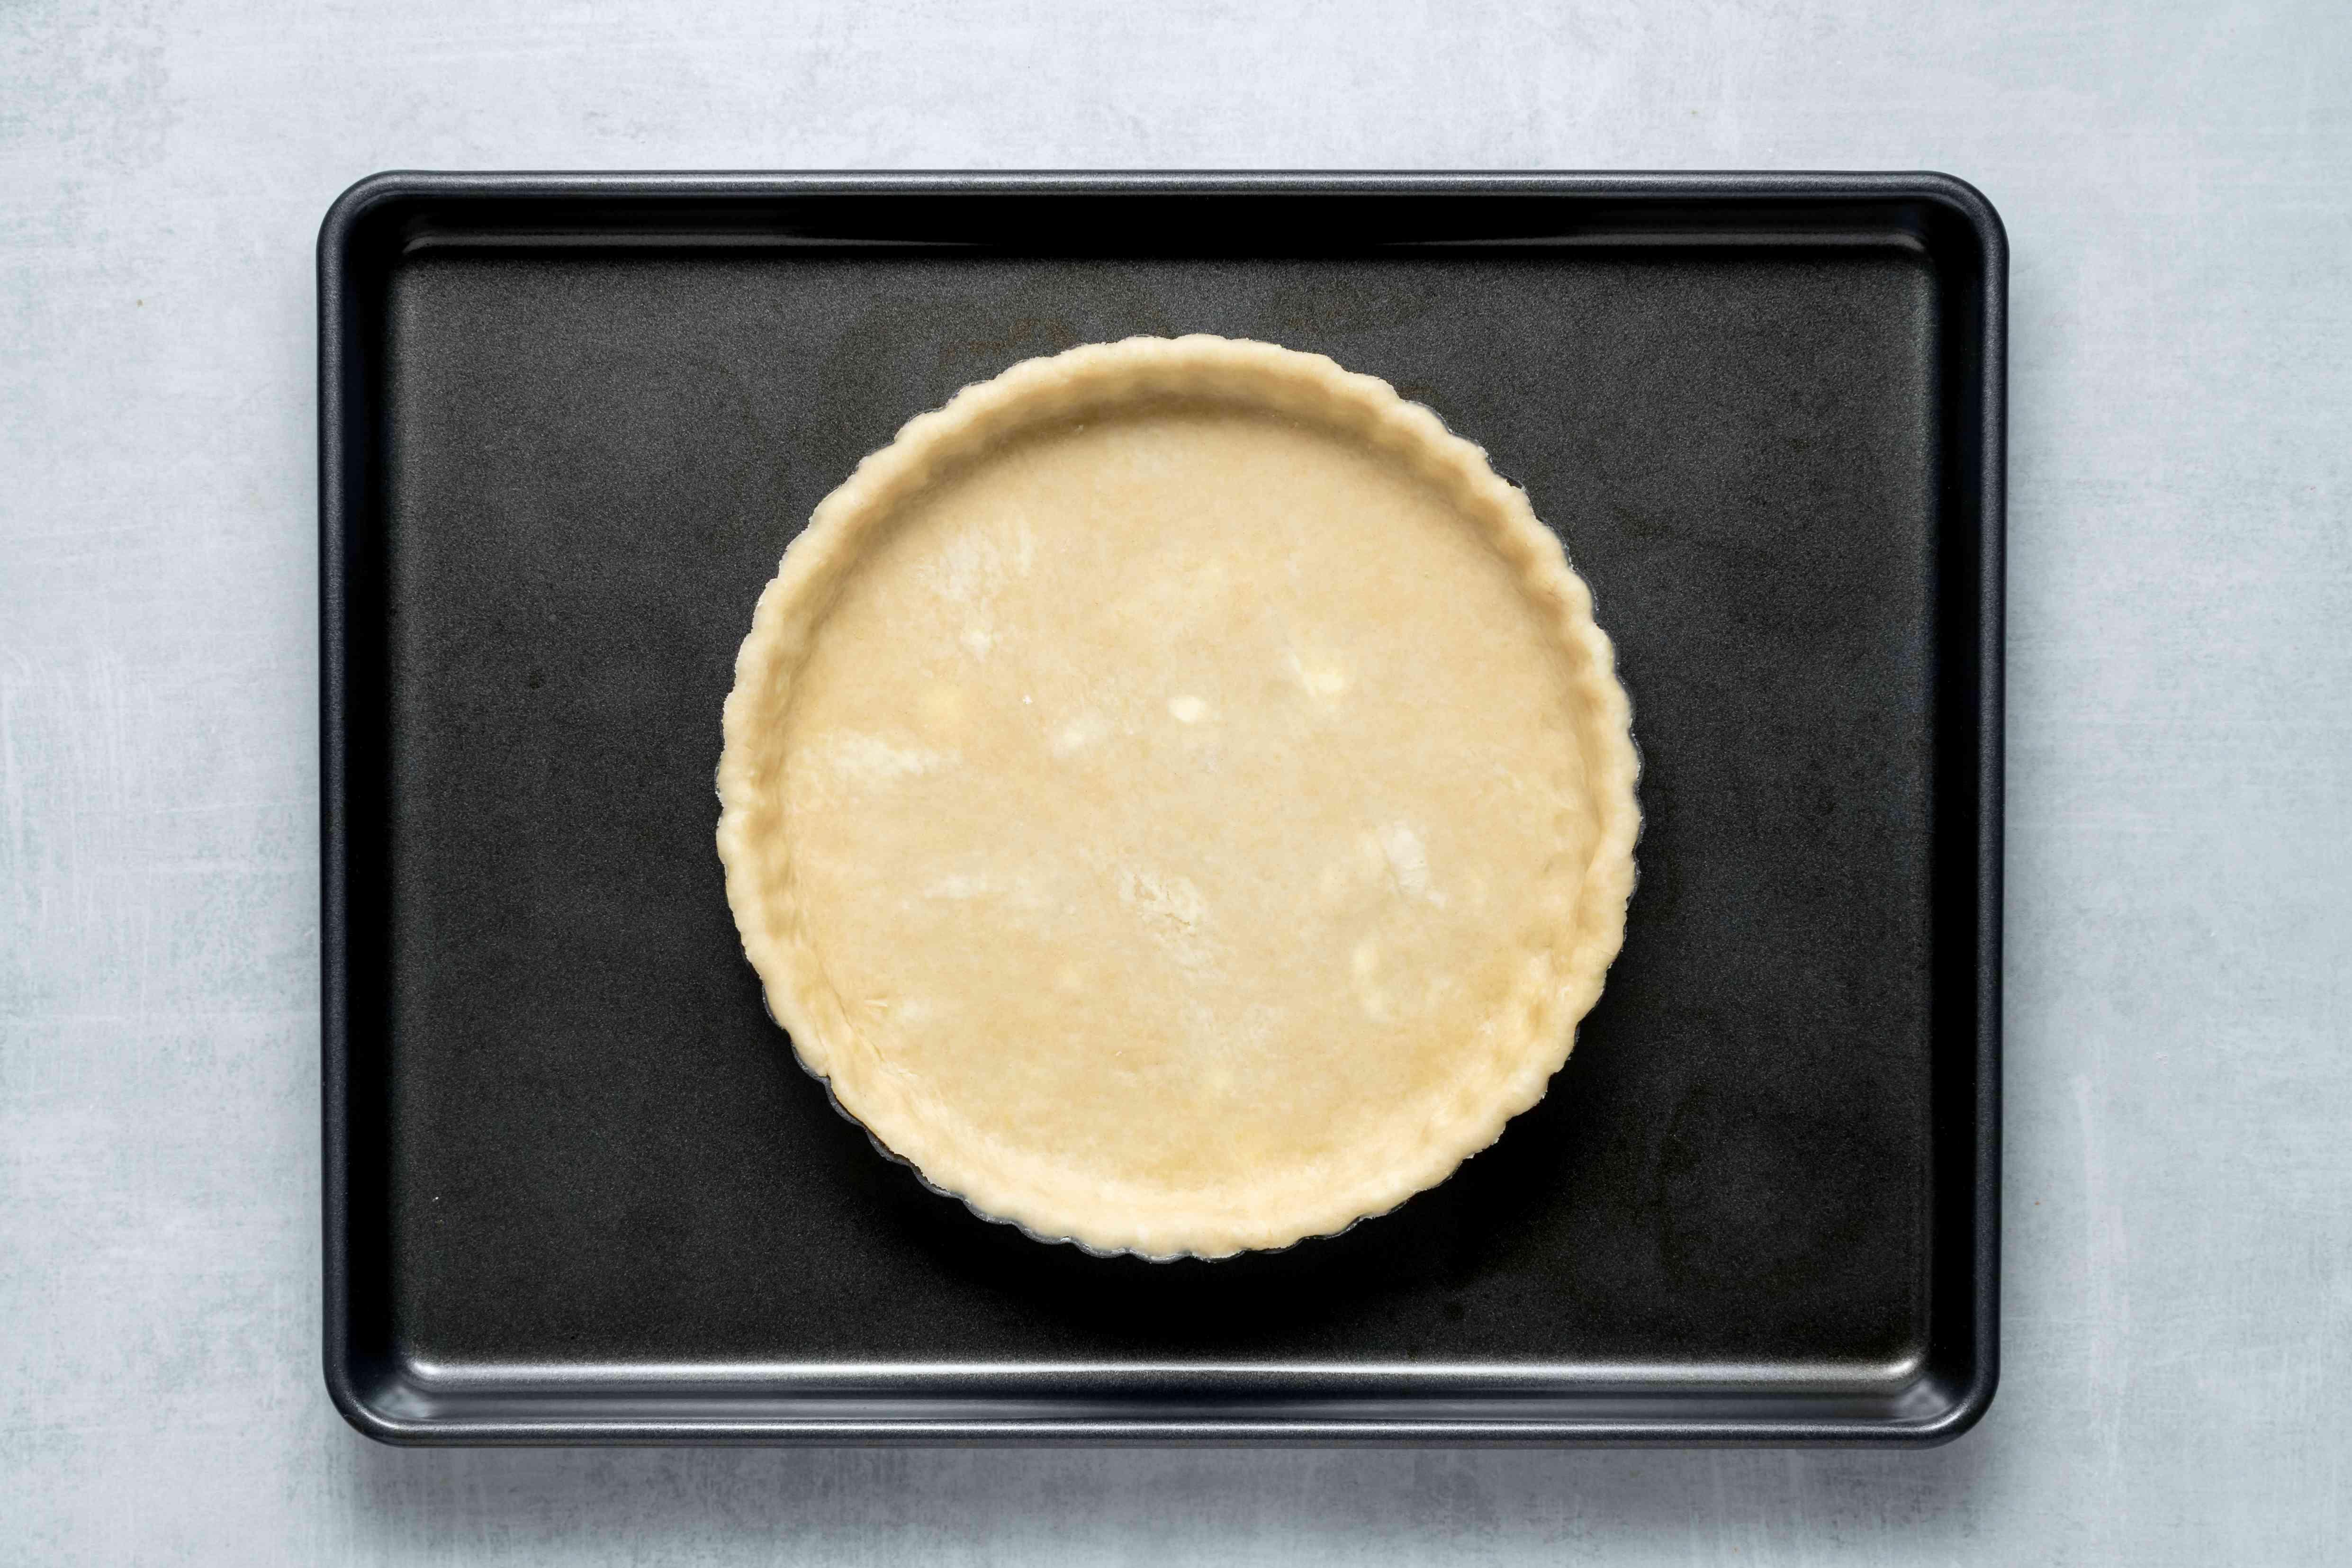 tart pan on a baking sheet